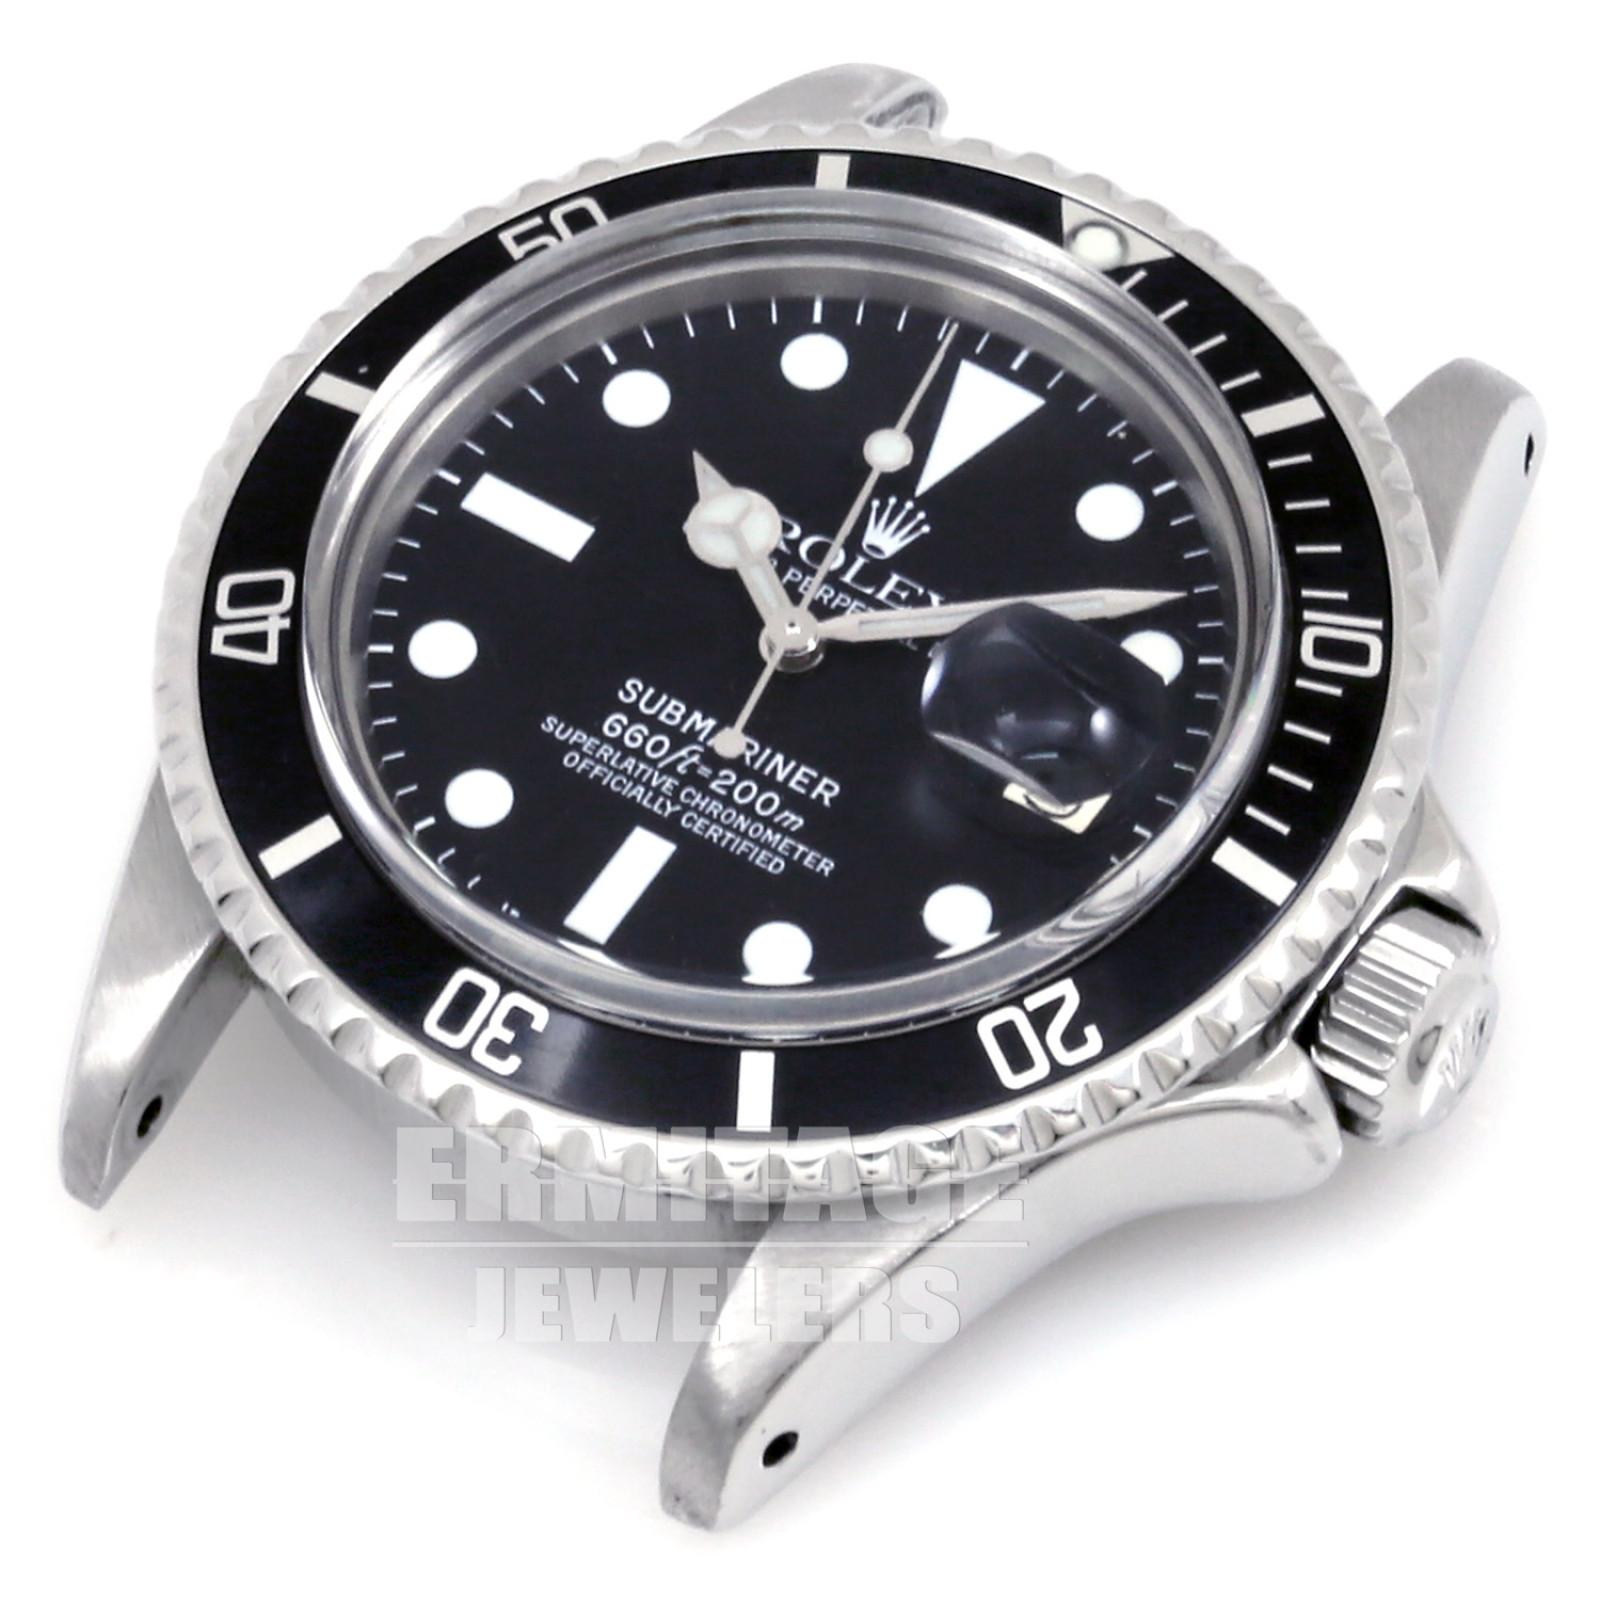 Vintage Rolex Submariner 1680